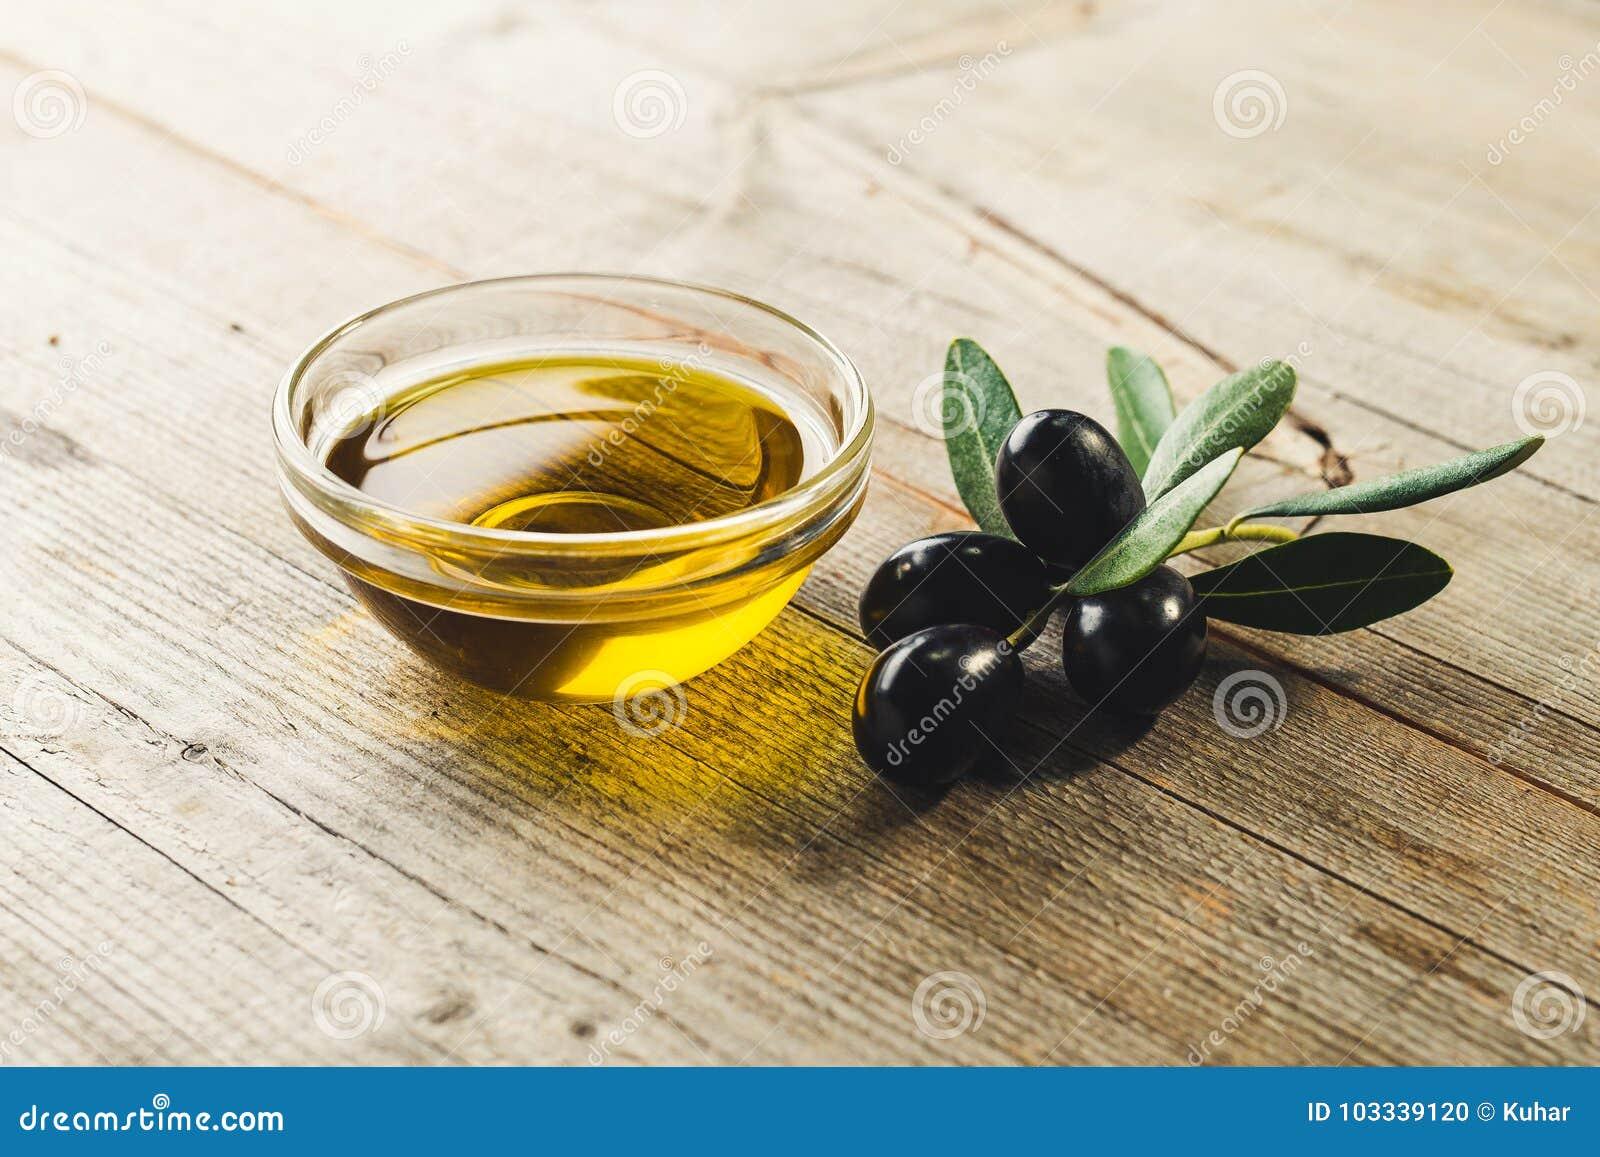 Oliwa z oliwek z liśćmi i oliwkami